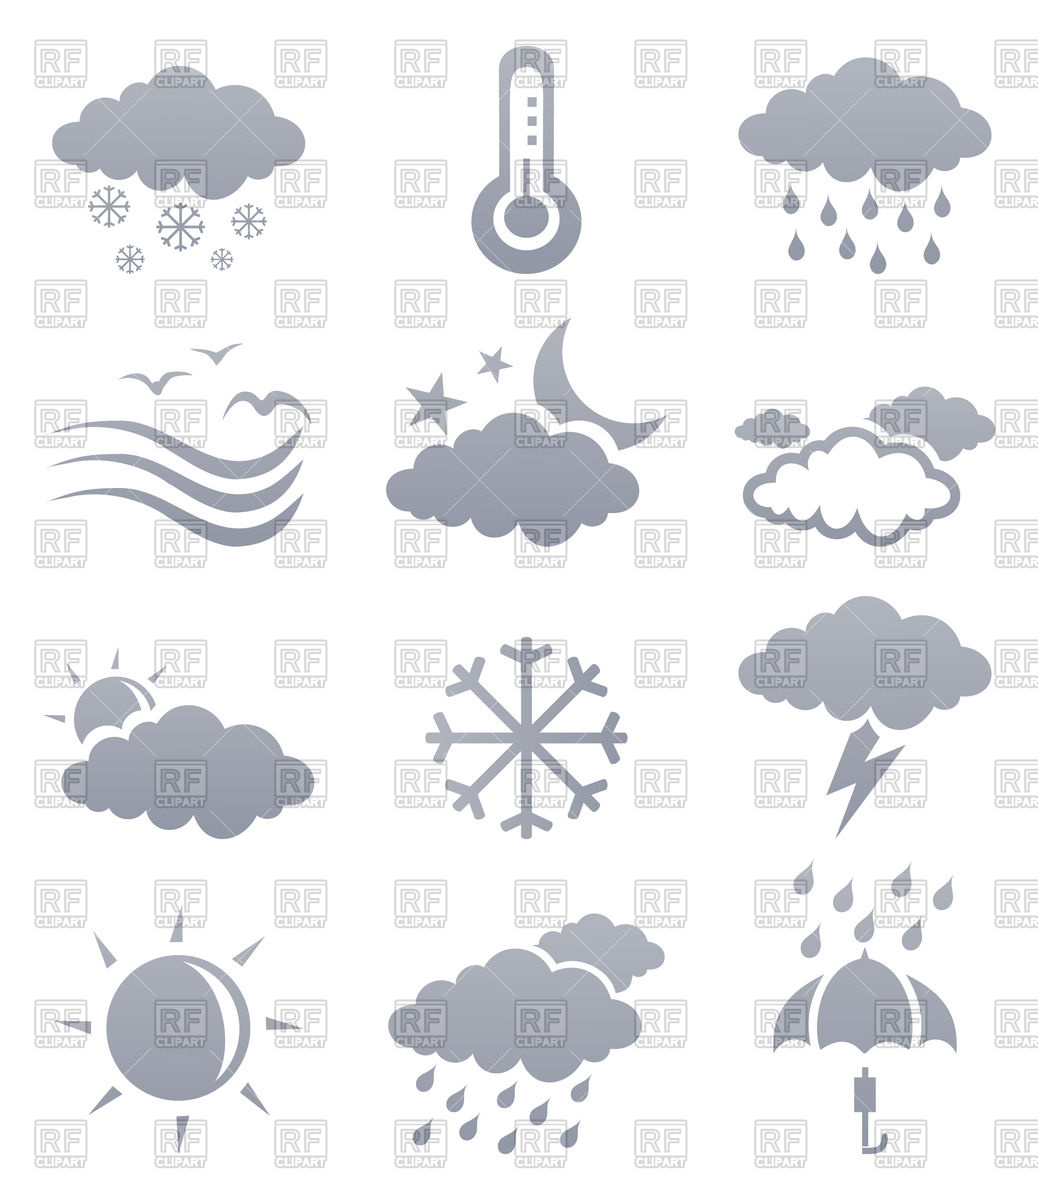 Icons of weather phenomena.